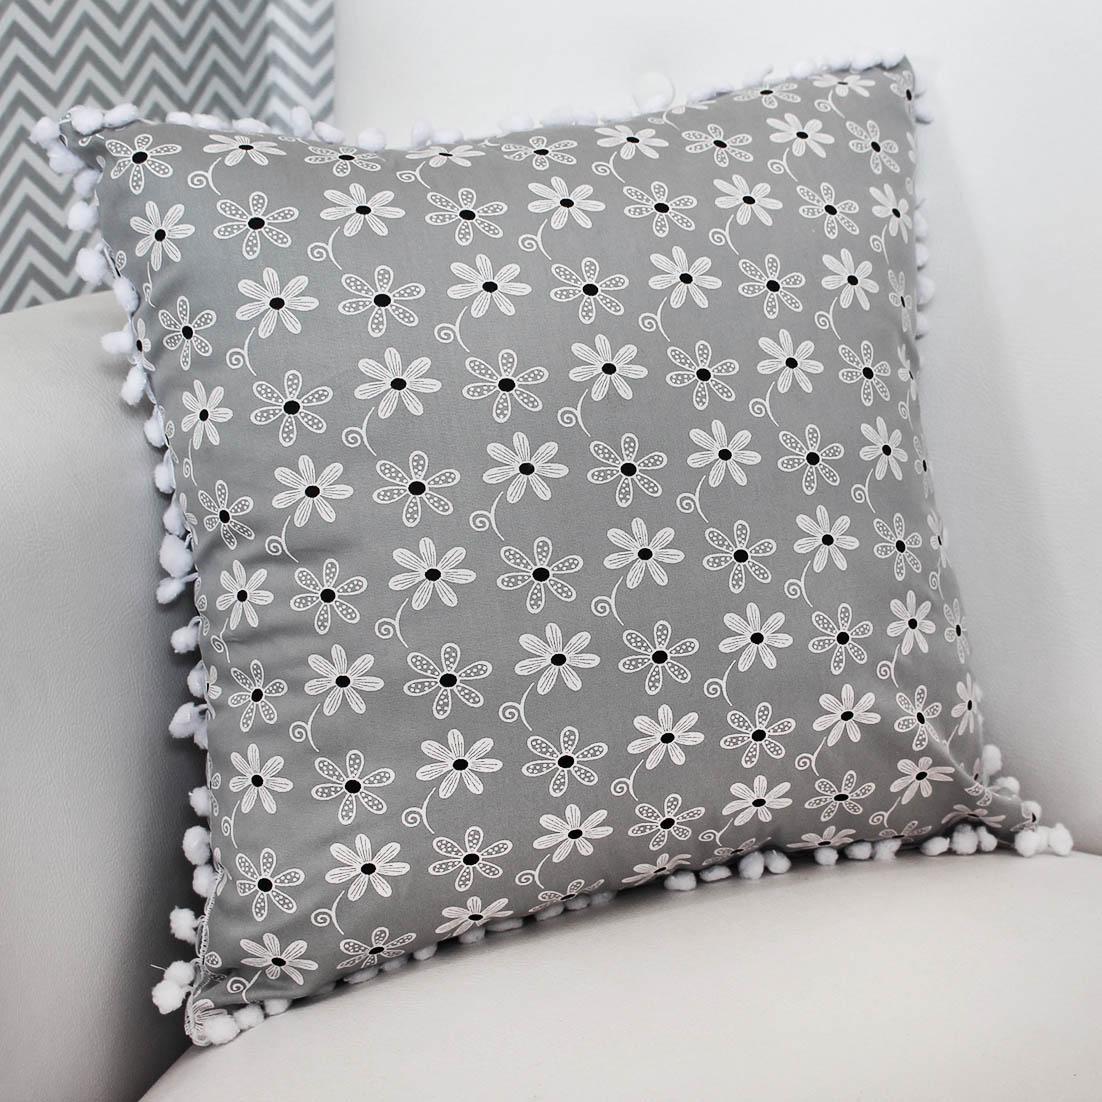 Almofada Decorativa Estampada Floral Cinza